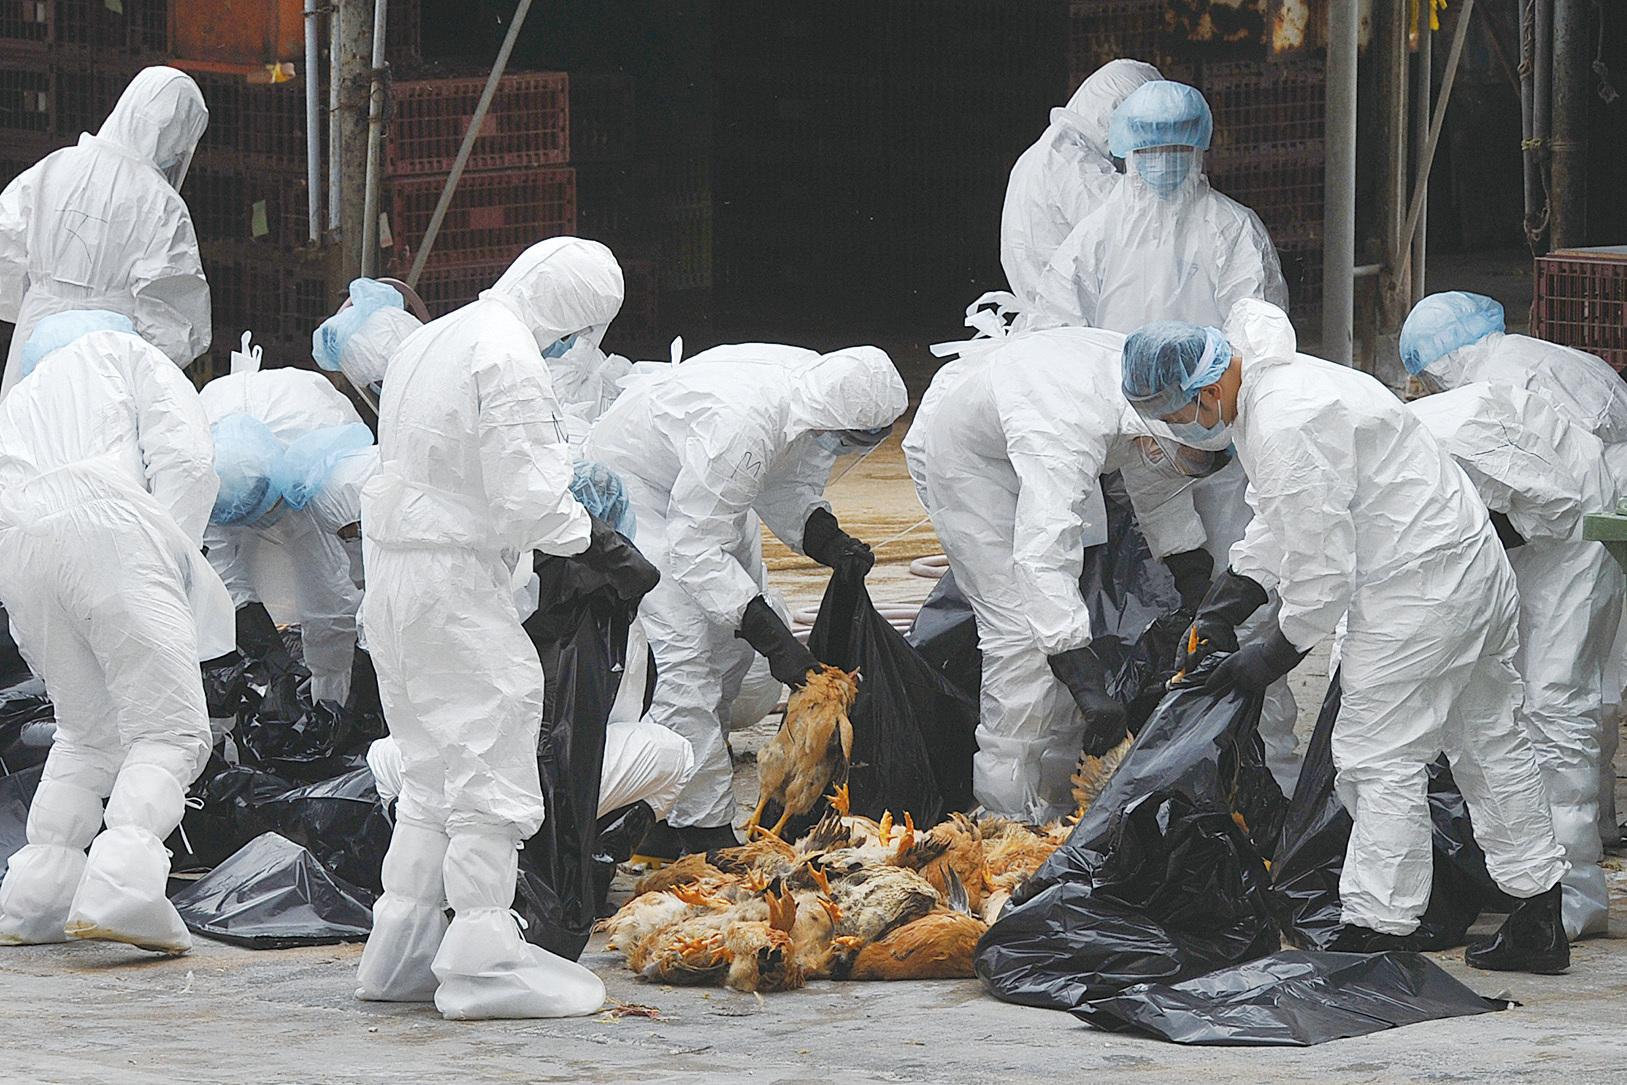 香港長沙灣家禽批發市場發現一隻死雞感染了H5N1高致病性禽流感病毒,當局21日開始撲殺市場內的17,000隻家禽。(Getty Images)